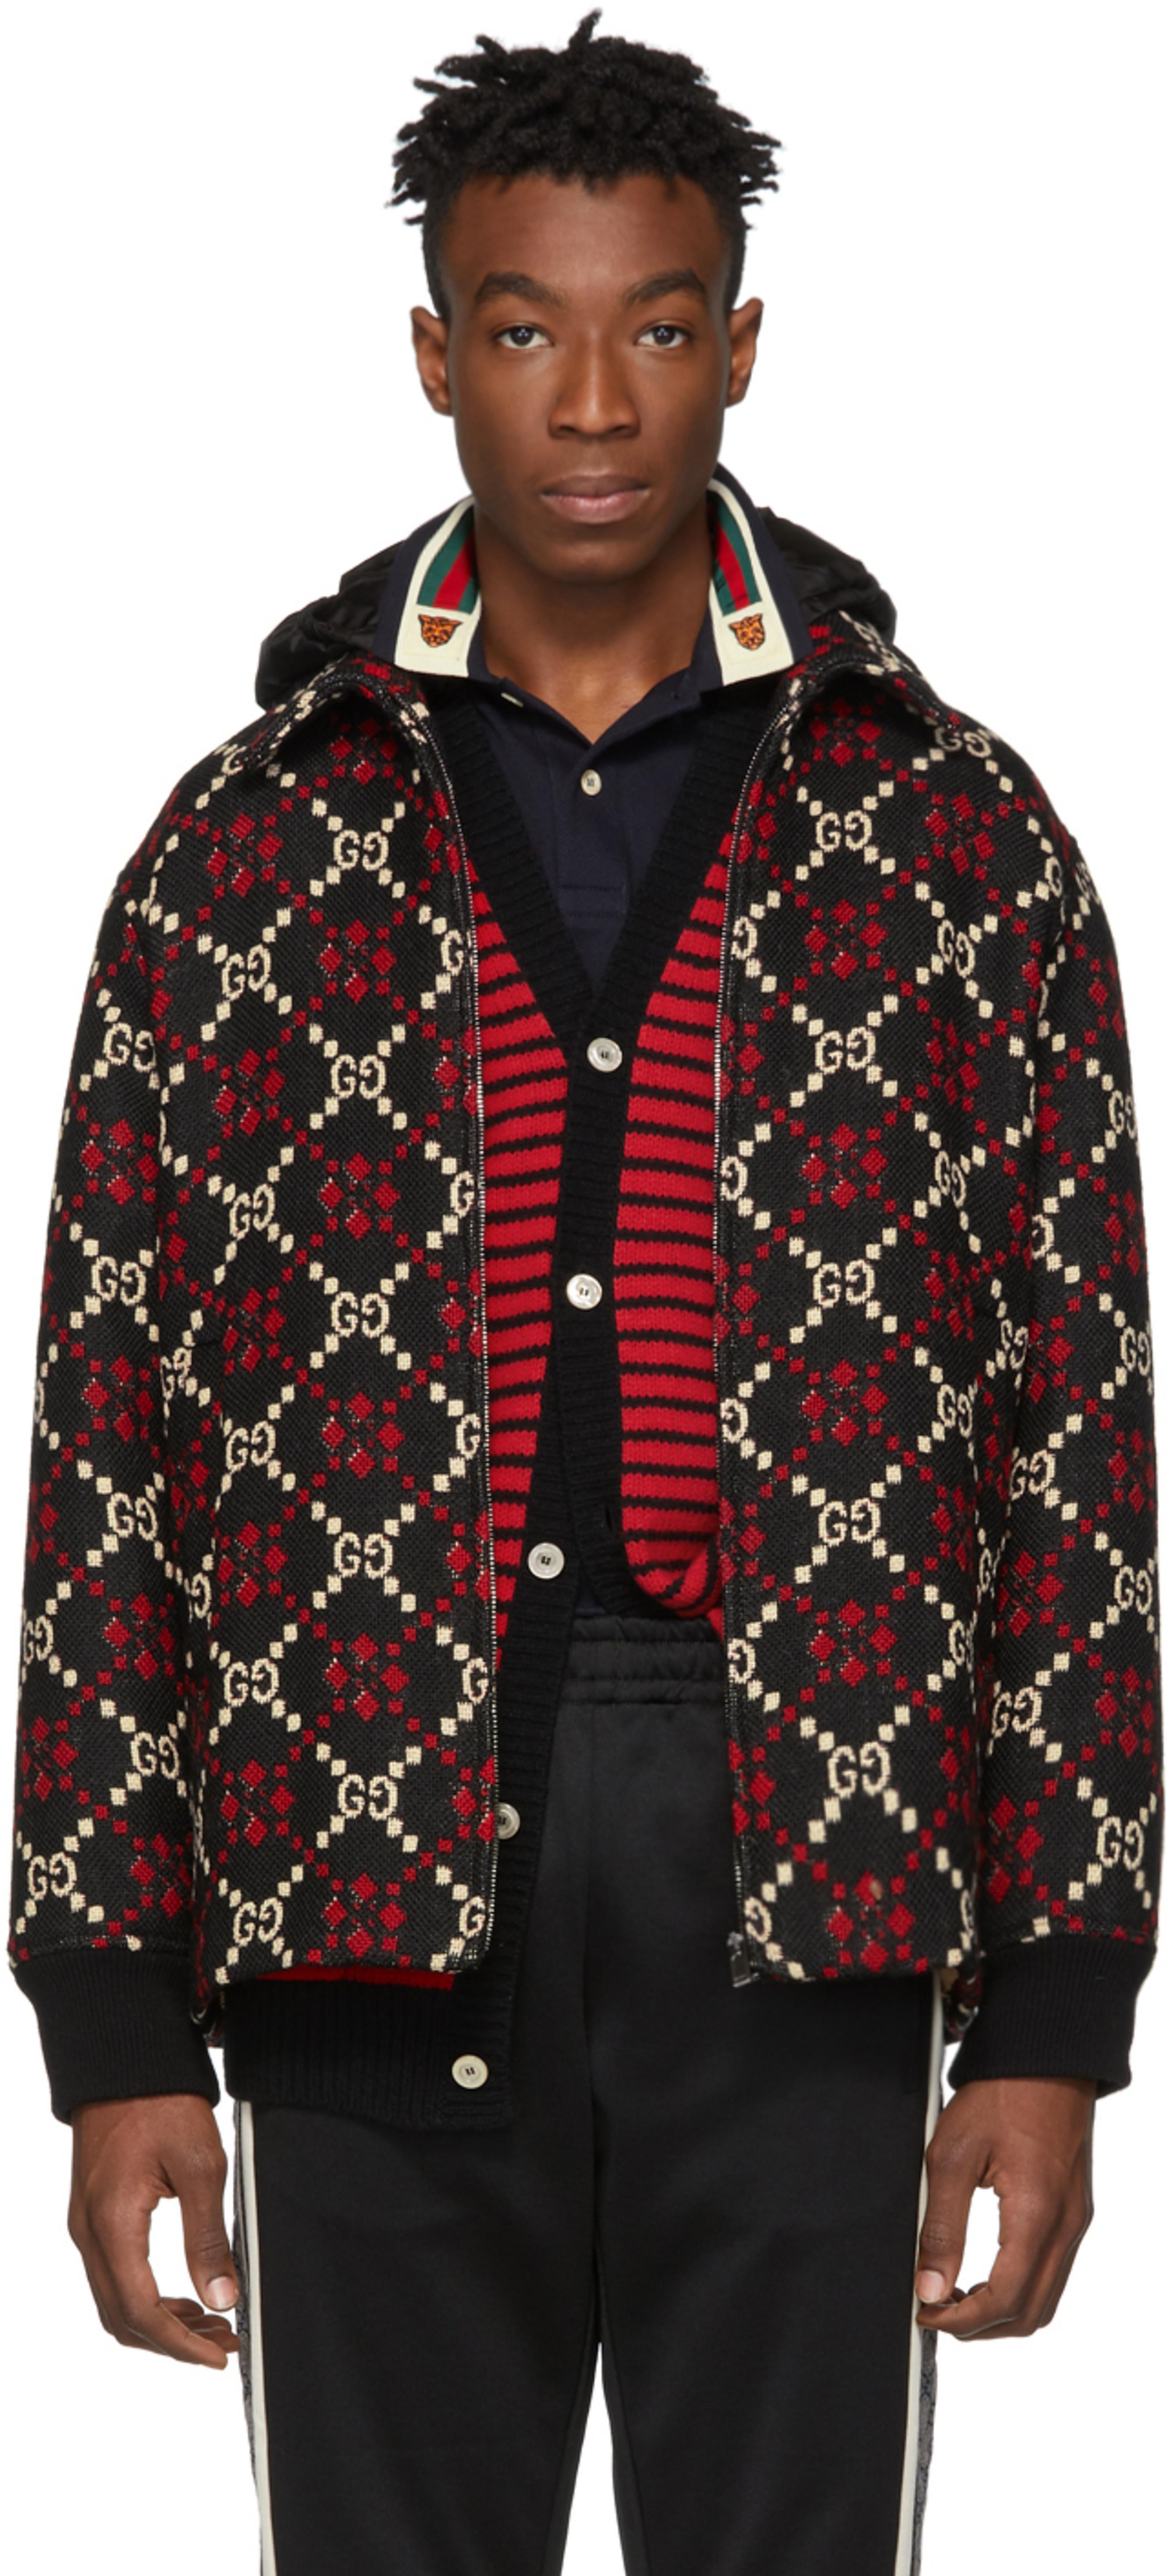 064734a09c6 Gucci jackets   coats for Men